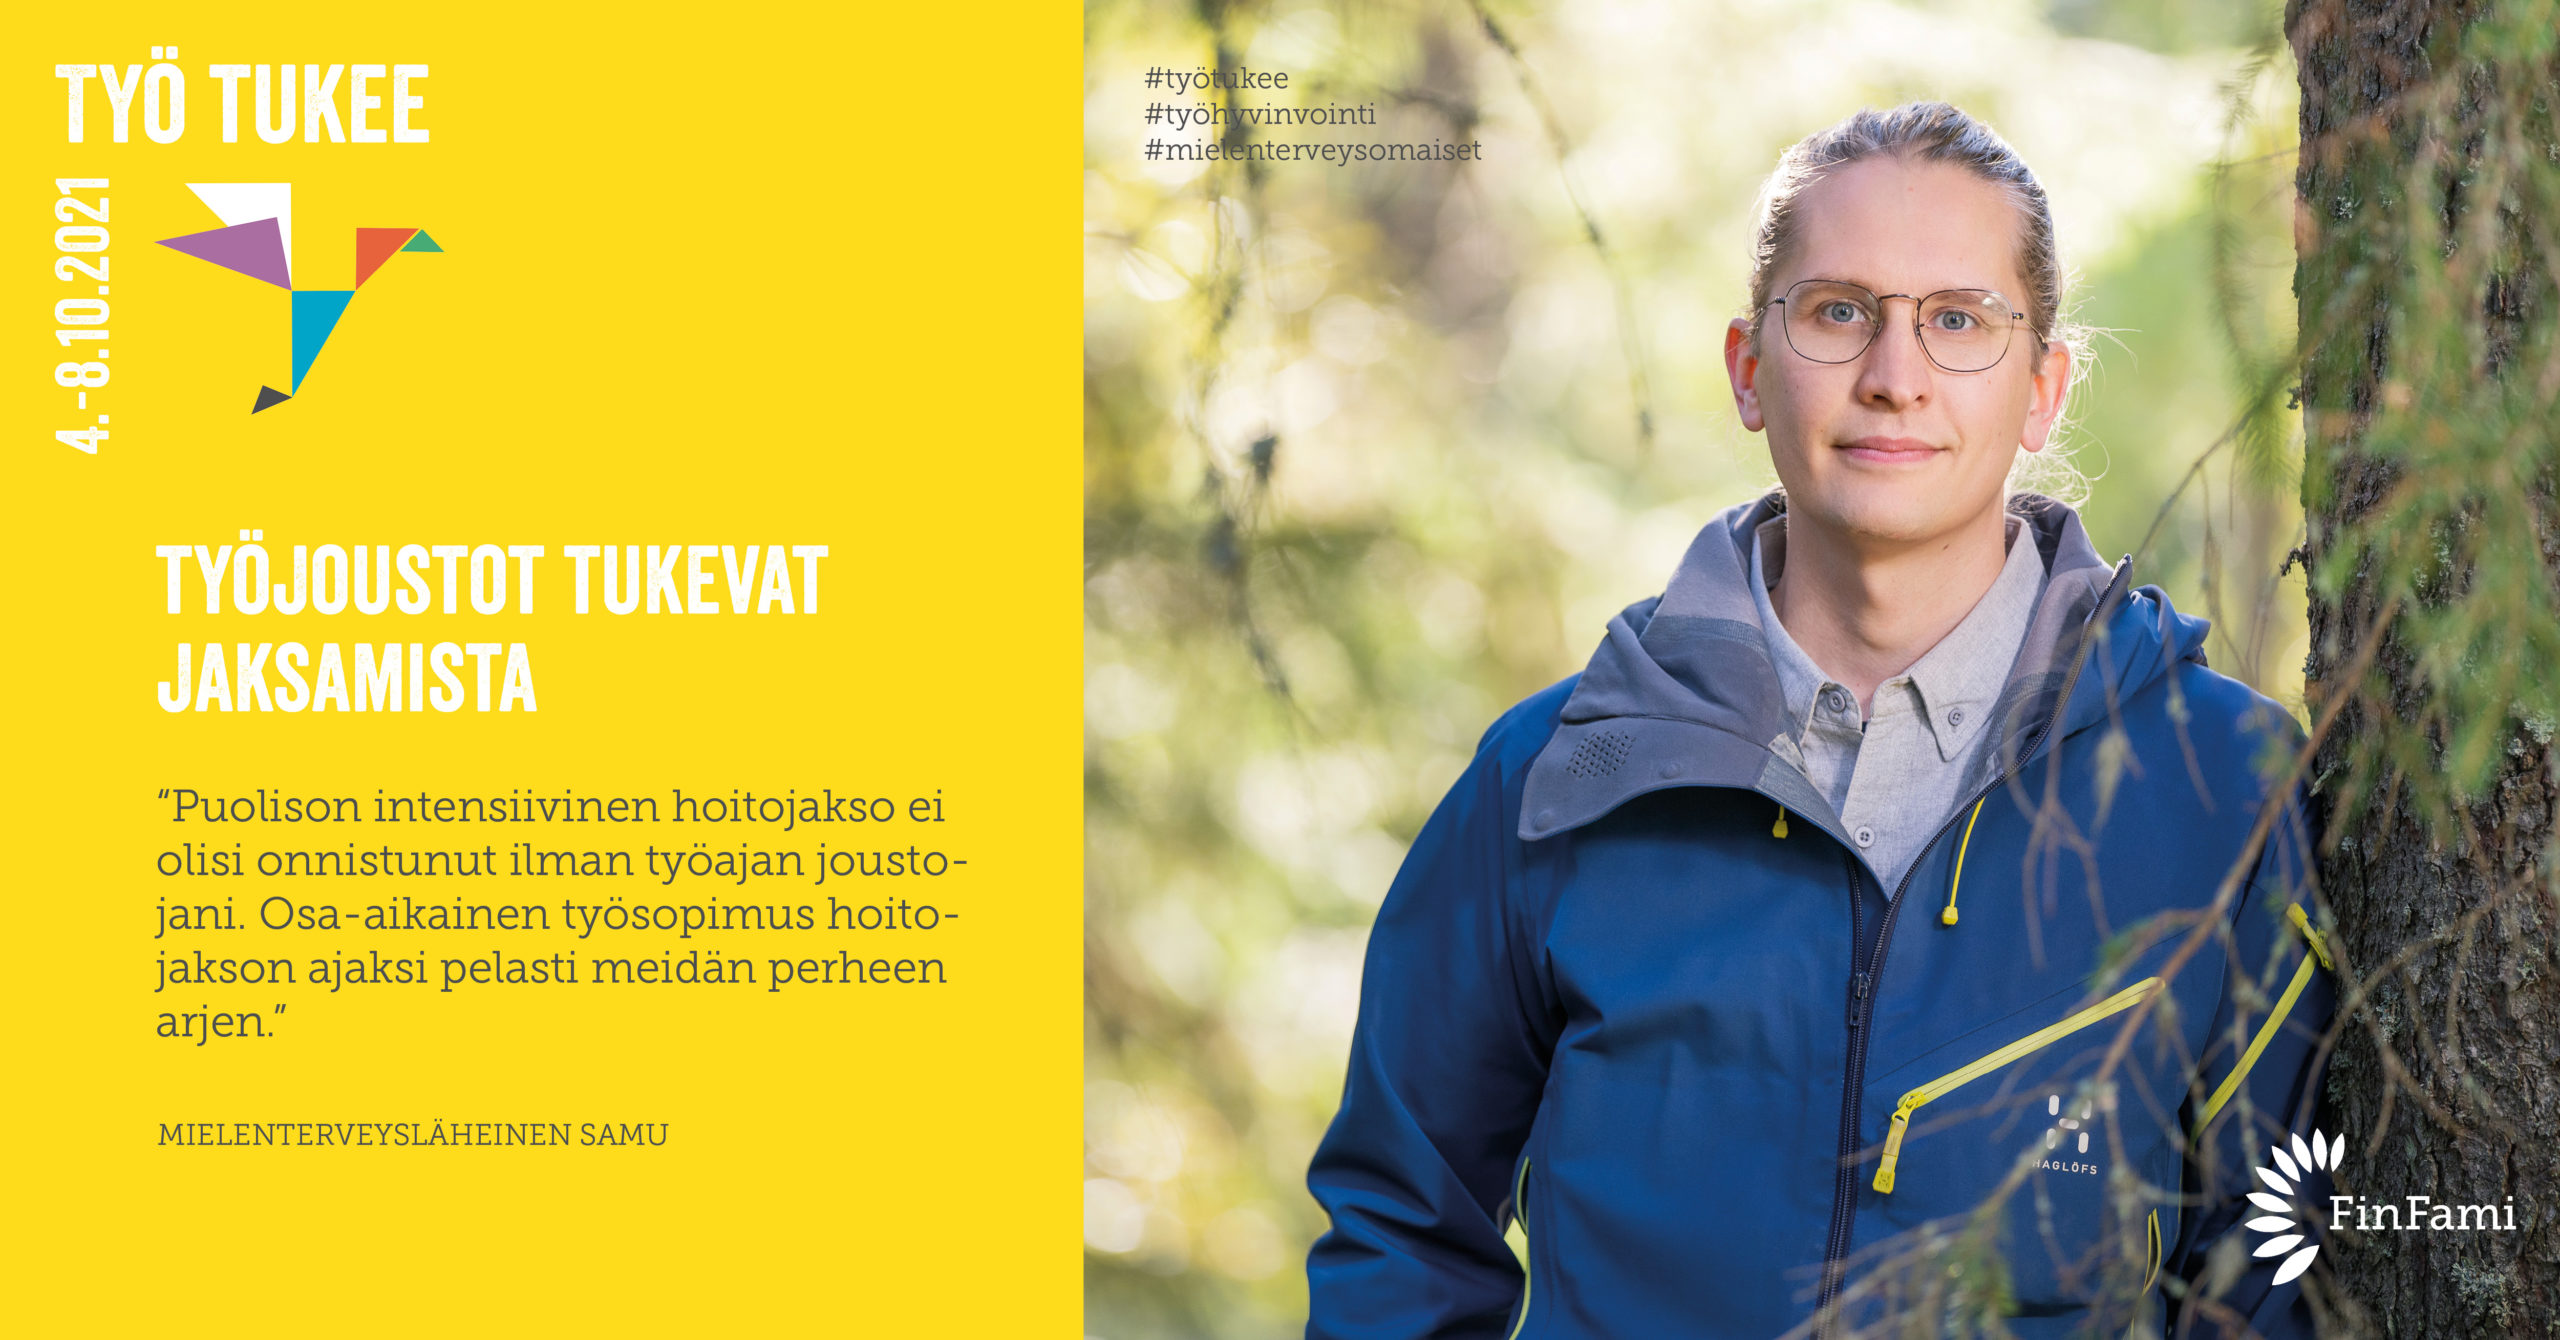 FinFamin Työ tukee -kampanjakuva työjoustojen tärkeydestä_mies seisoo puuhun nojaten_kuva Petra Tiihonen